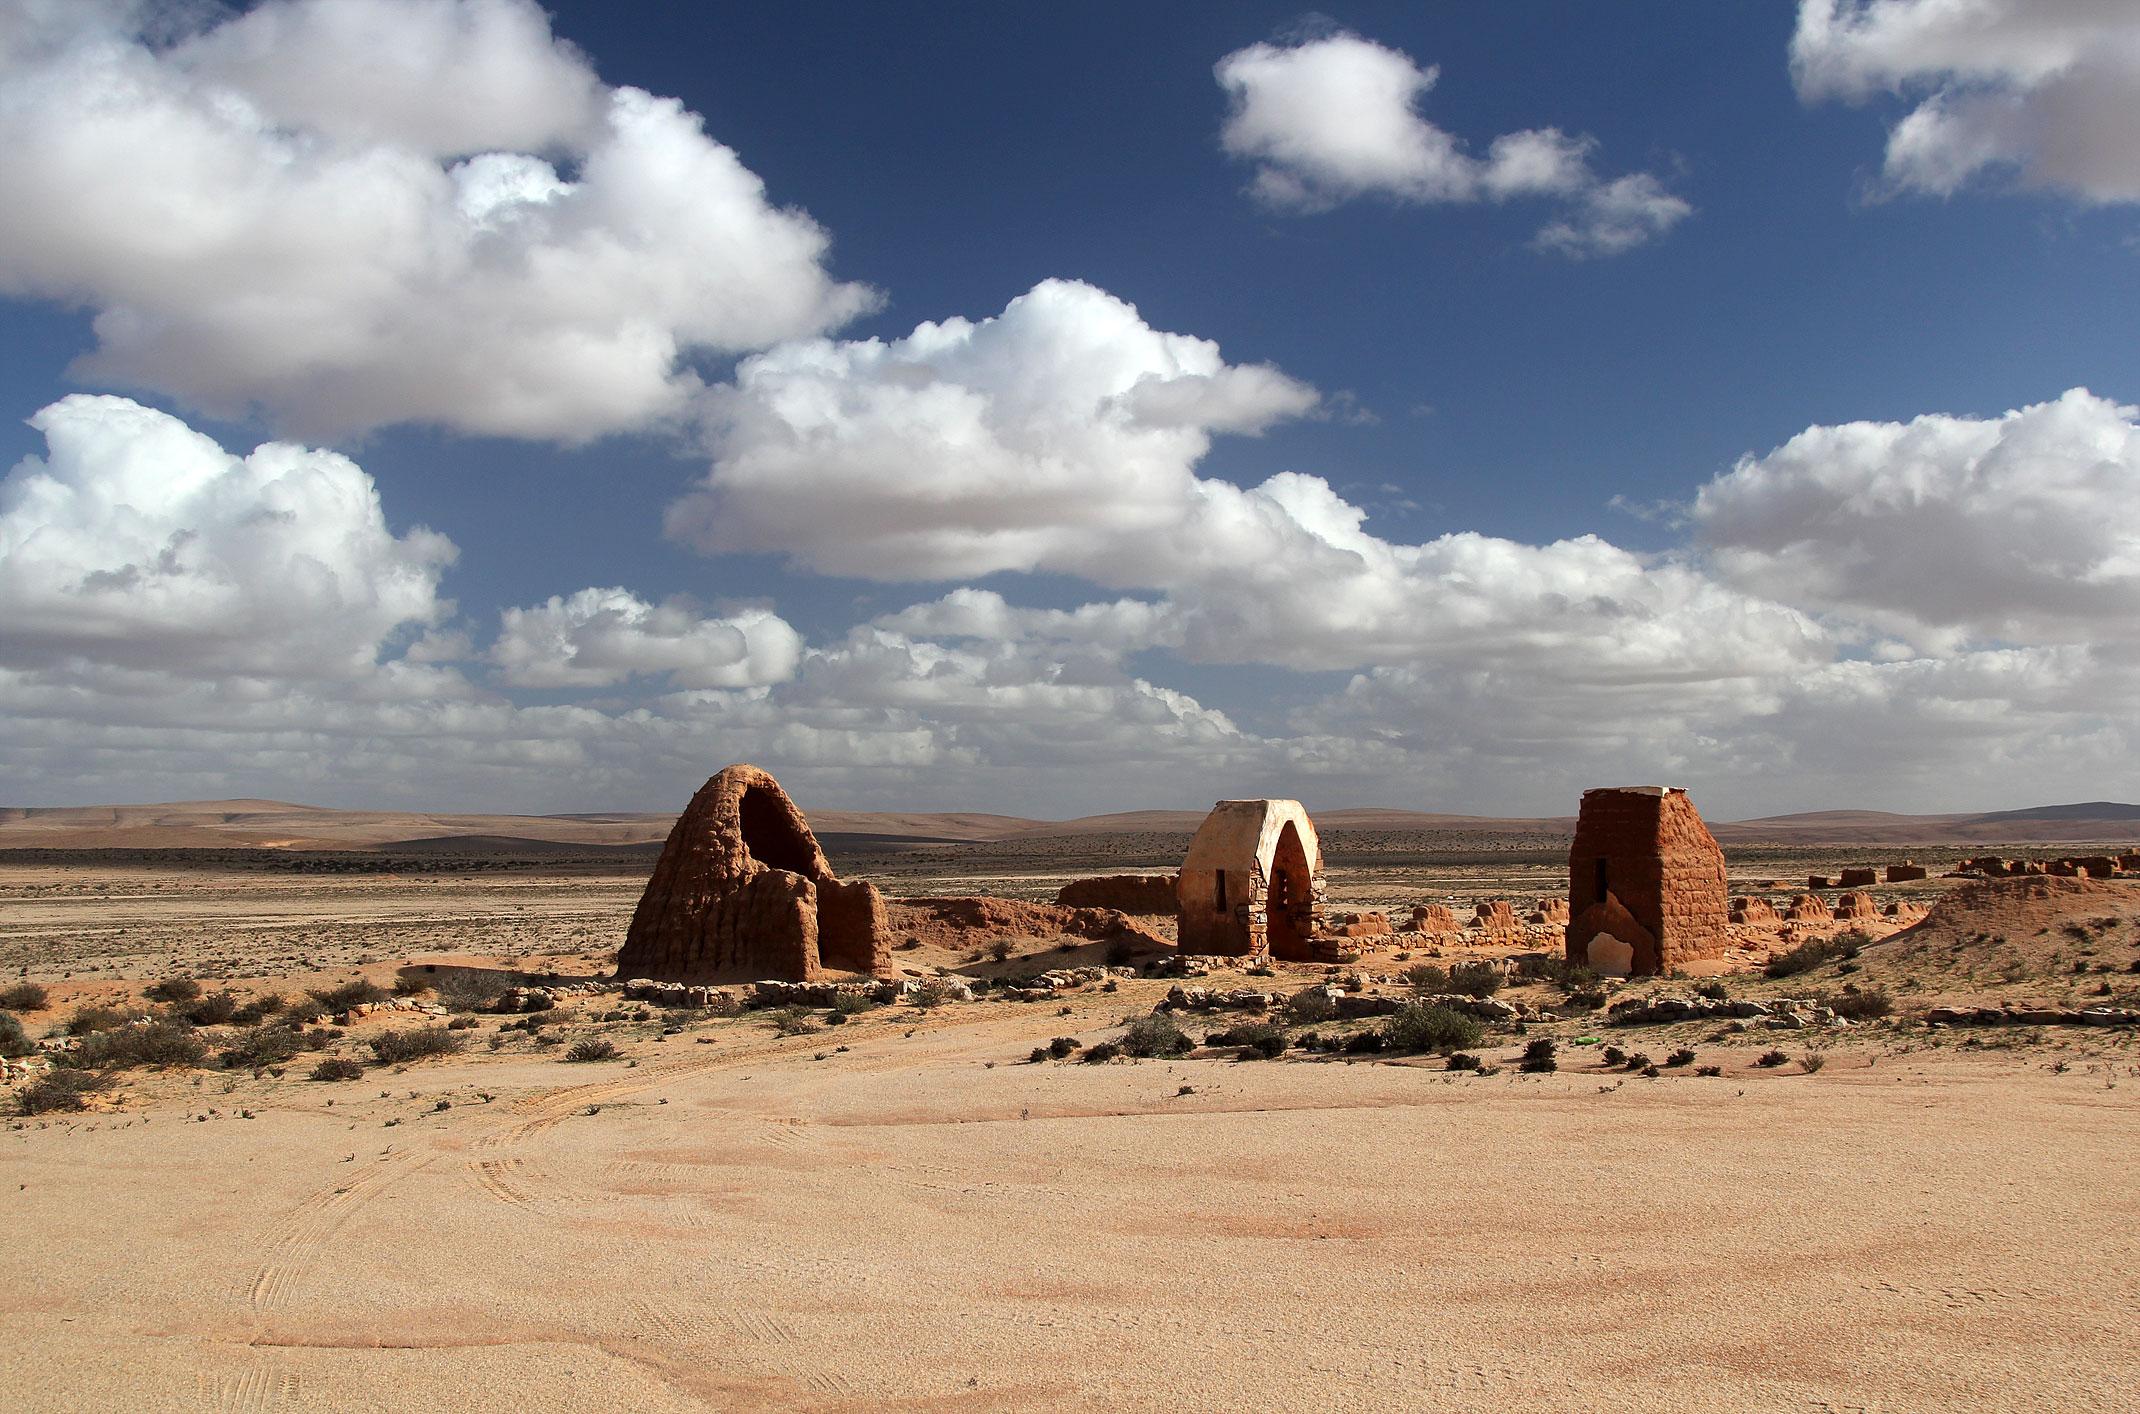 Maroko.Province de Tan-Tan, Guelmim-Es Semara.Abteh.Wjazd do wioski przypominającej scenerię do filmu Star Wars.